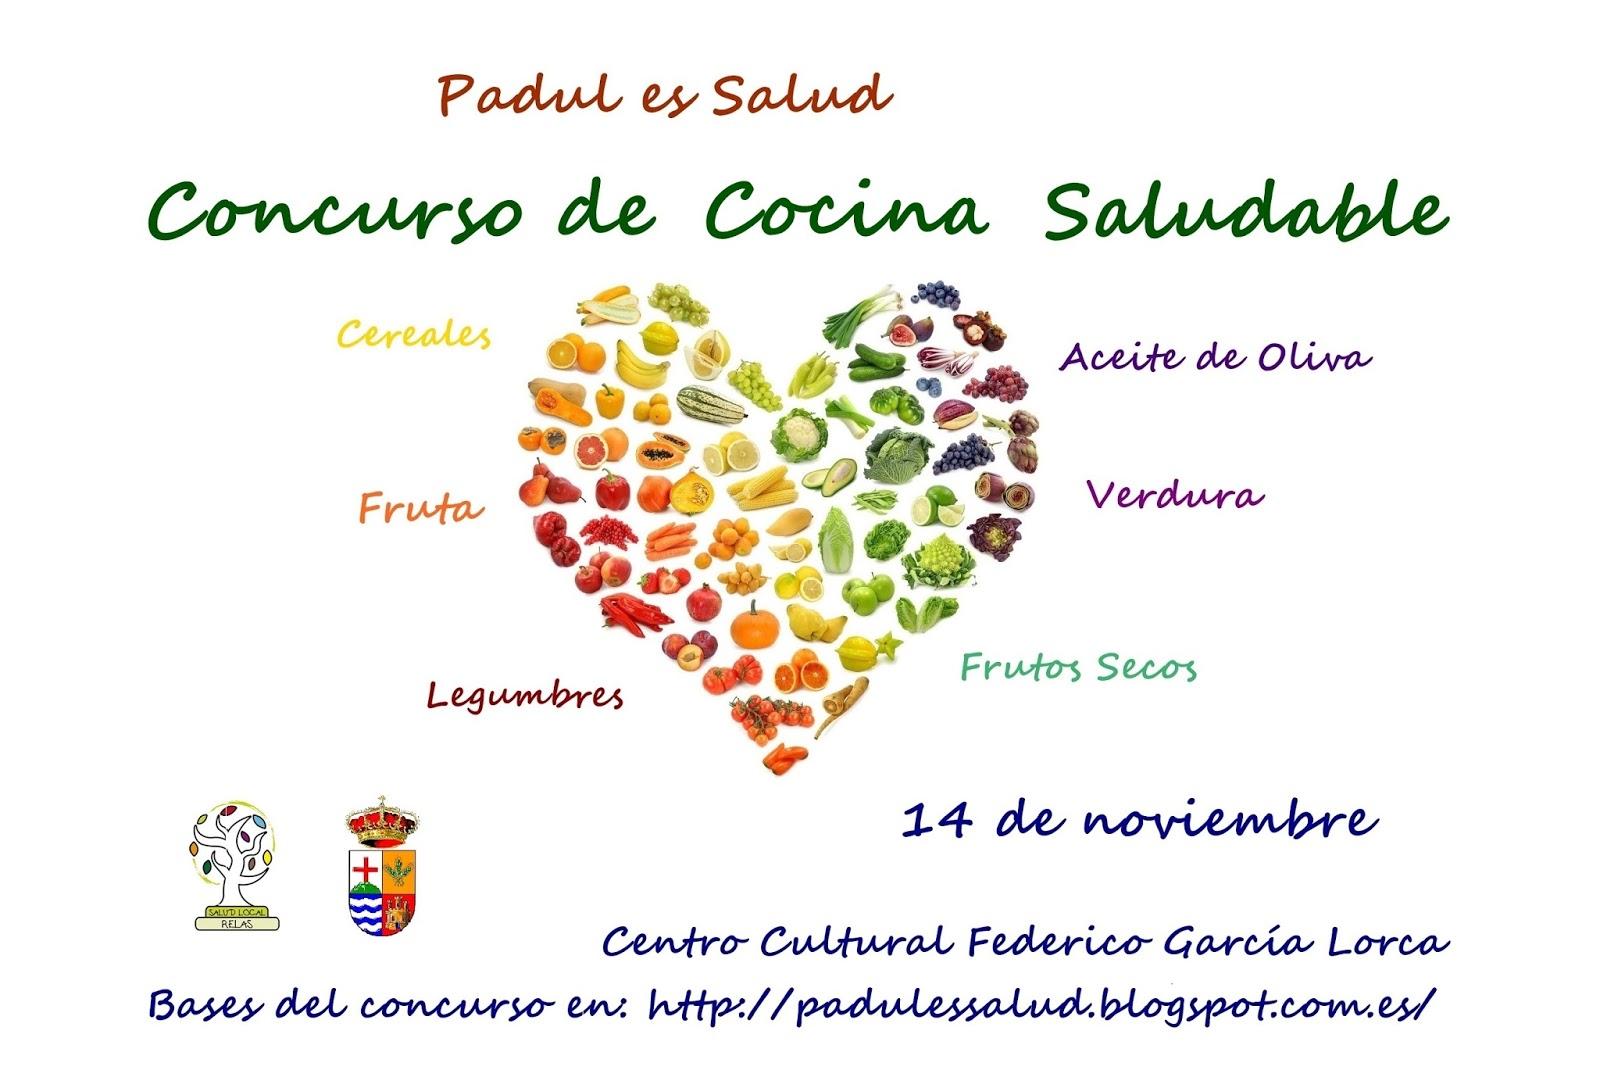 Padul es salud concurso de cocina saludable - Concurso de cocina ...